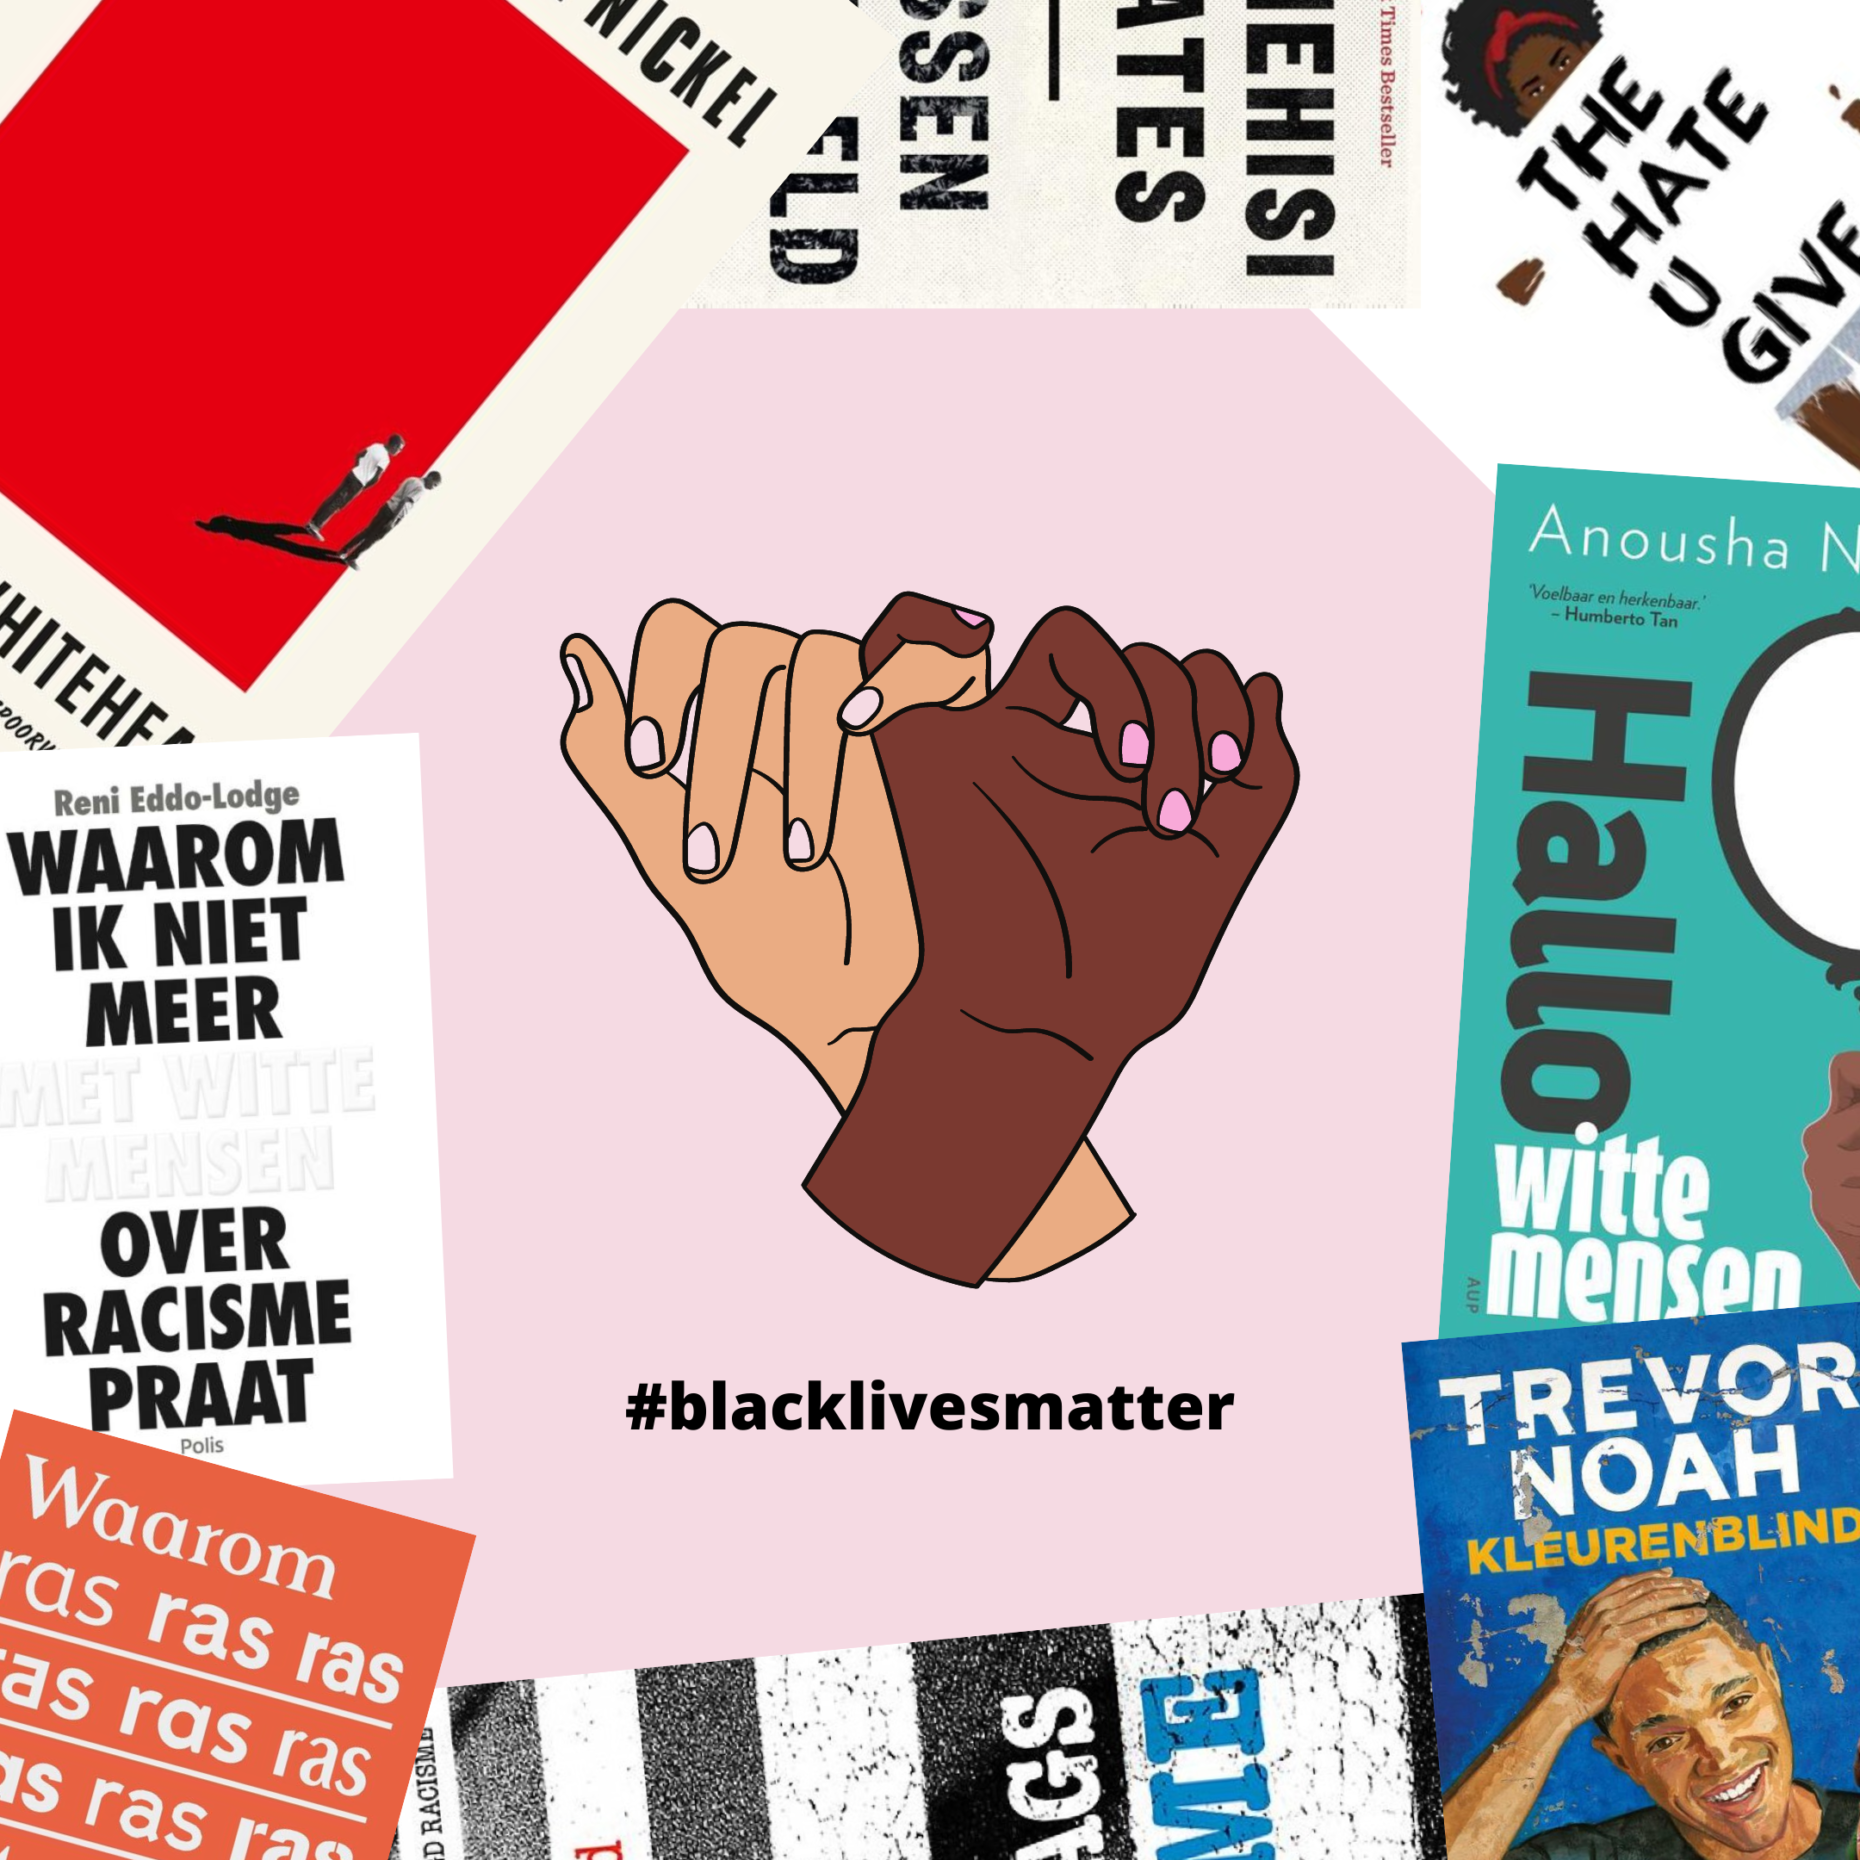 8x belangrijke boeken over racisme